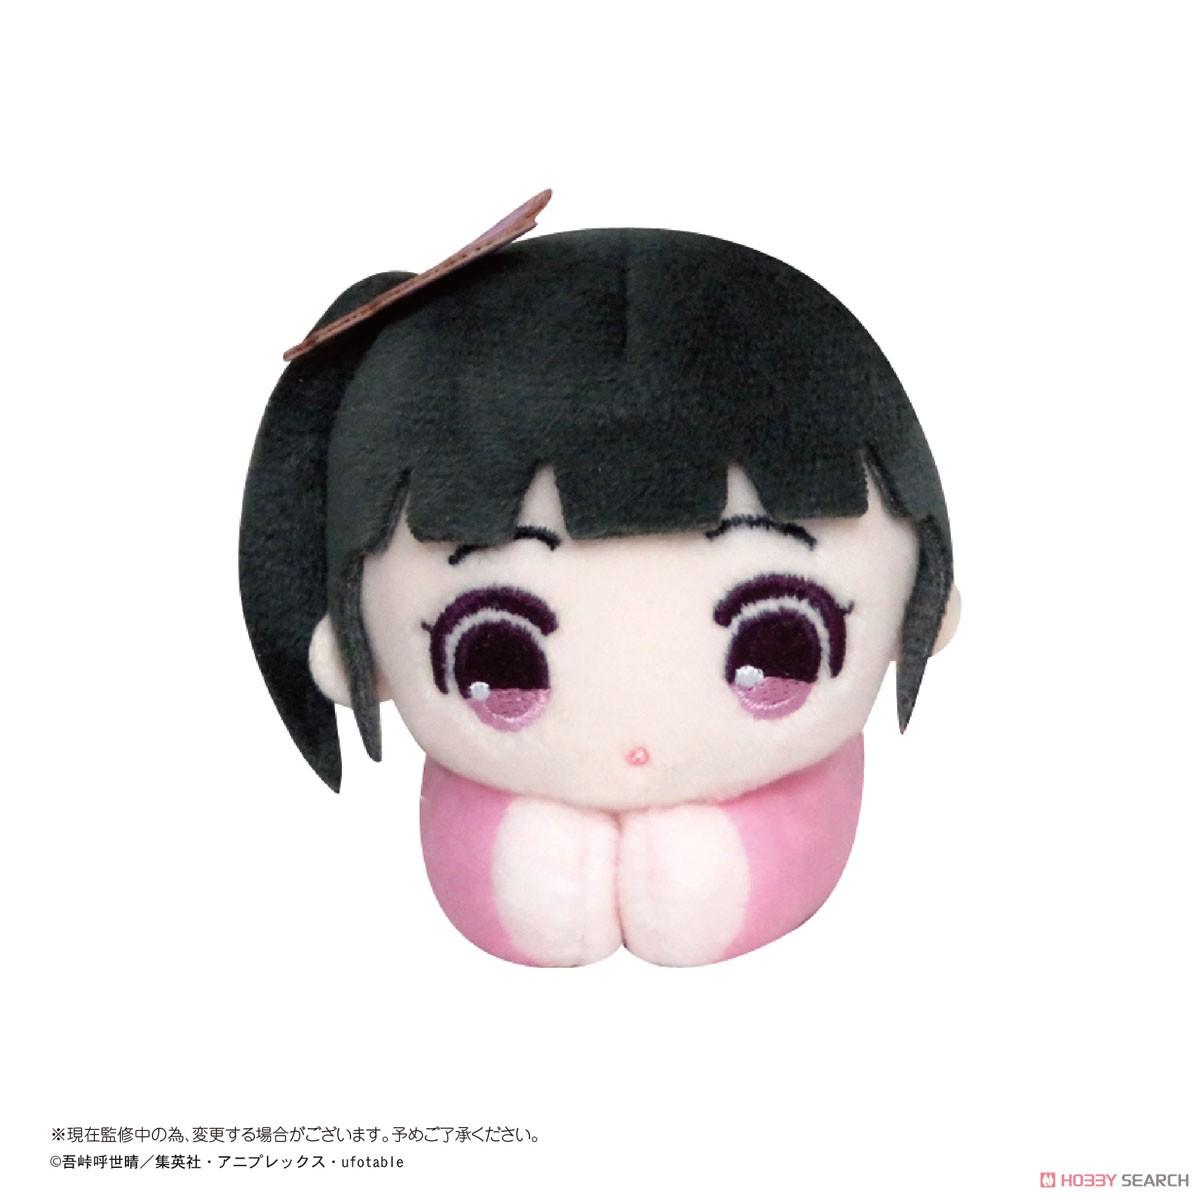 鬼滅の刃『鬼滅の刃 はぐキャラコレクション5』6個入りBOX-004